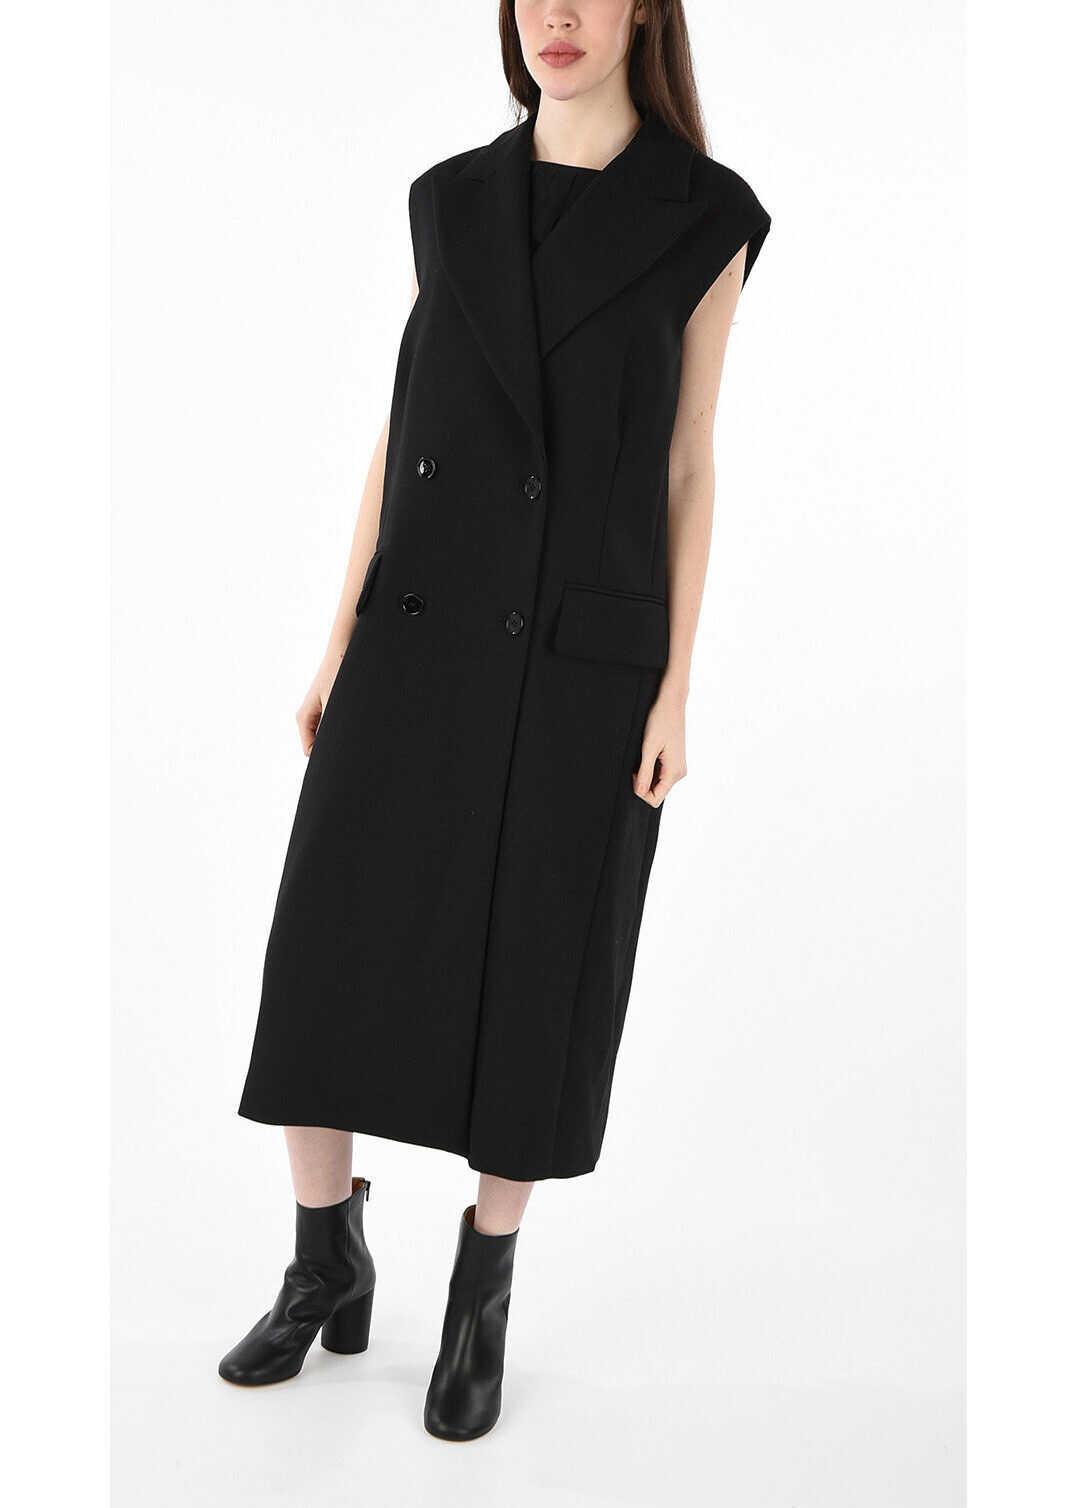 Maison Margiela MM6 Double Breasted Coat BLACK